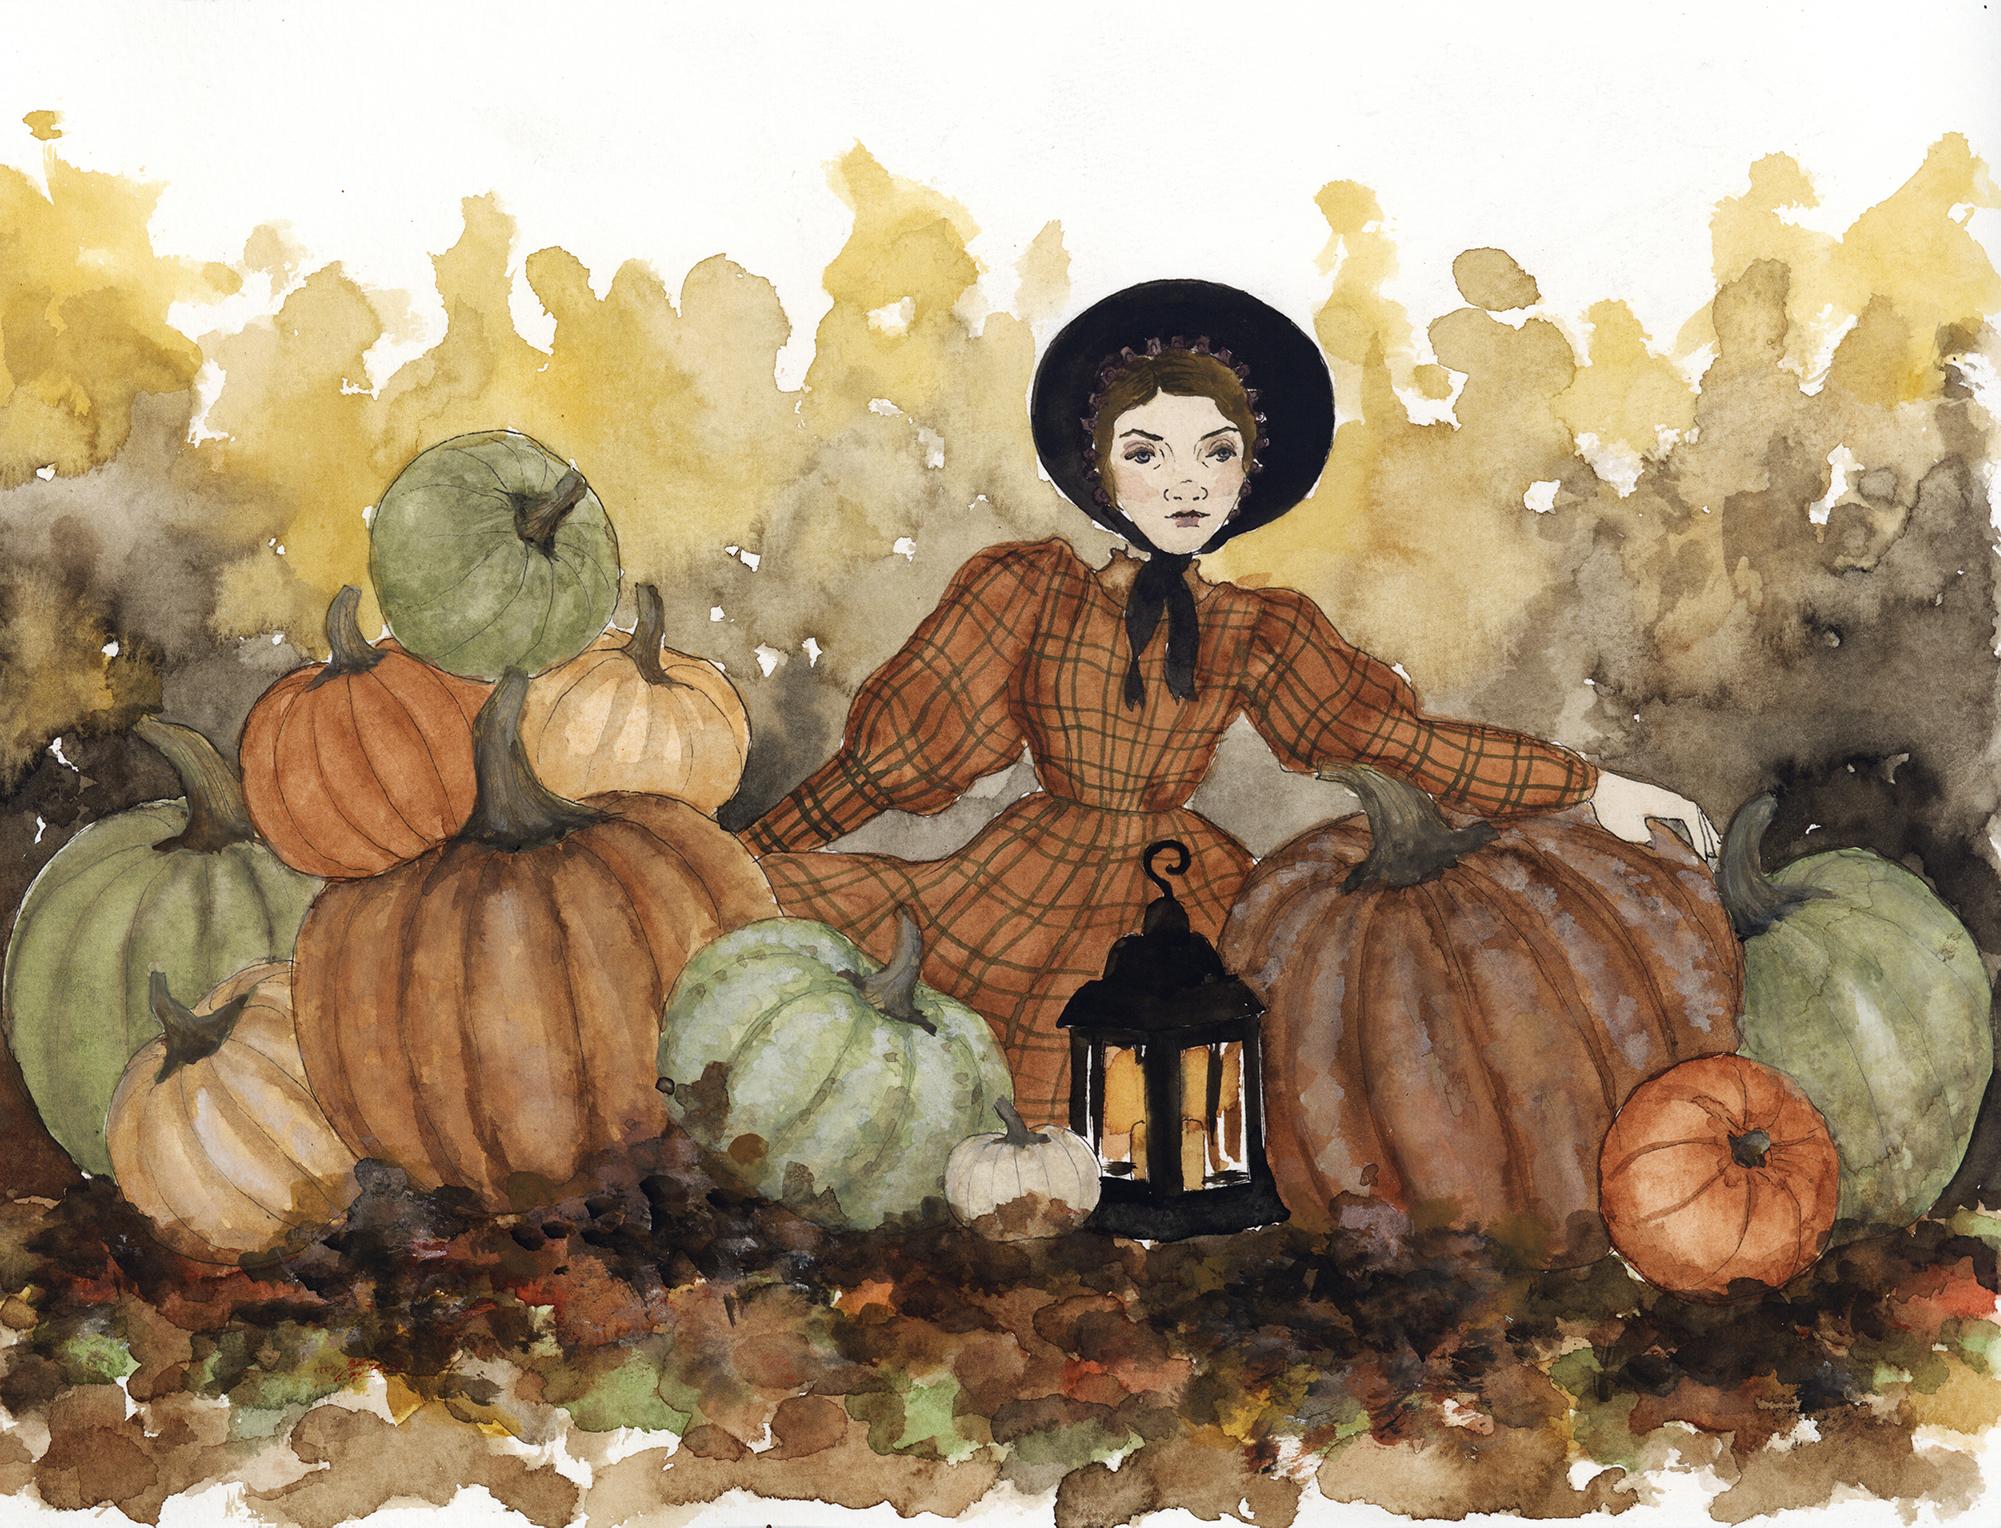 AmongthePumpkins